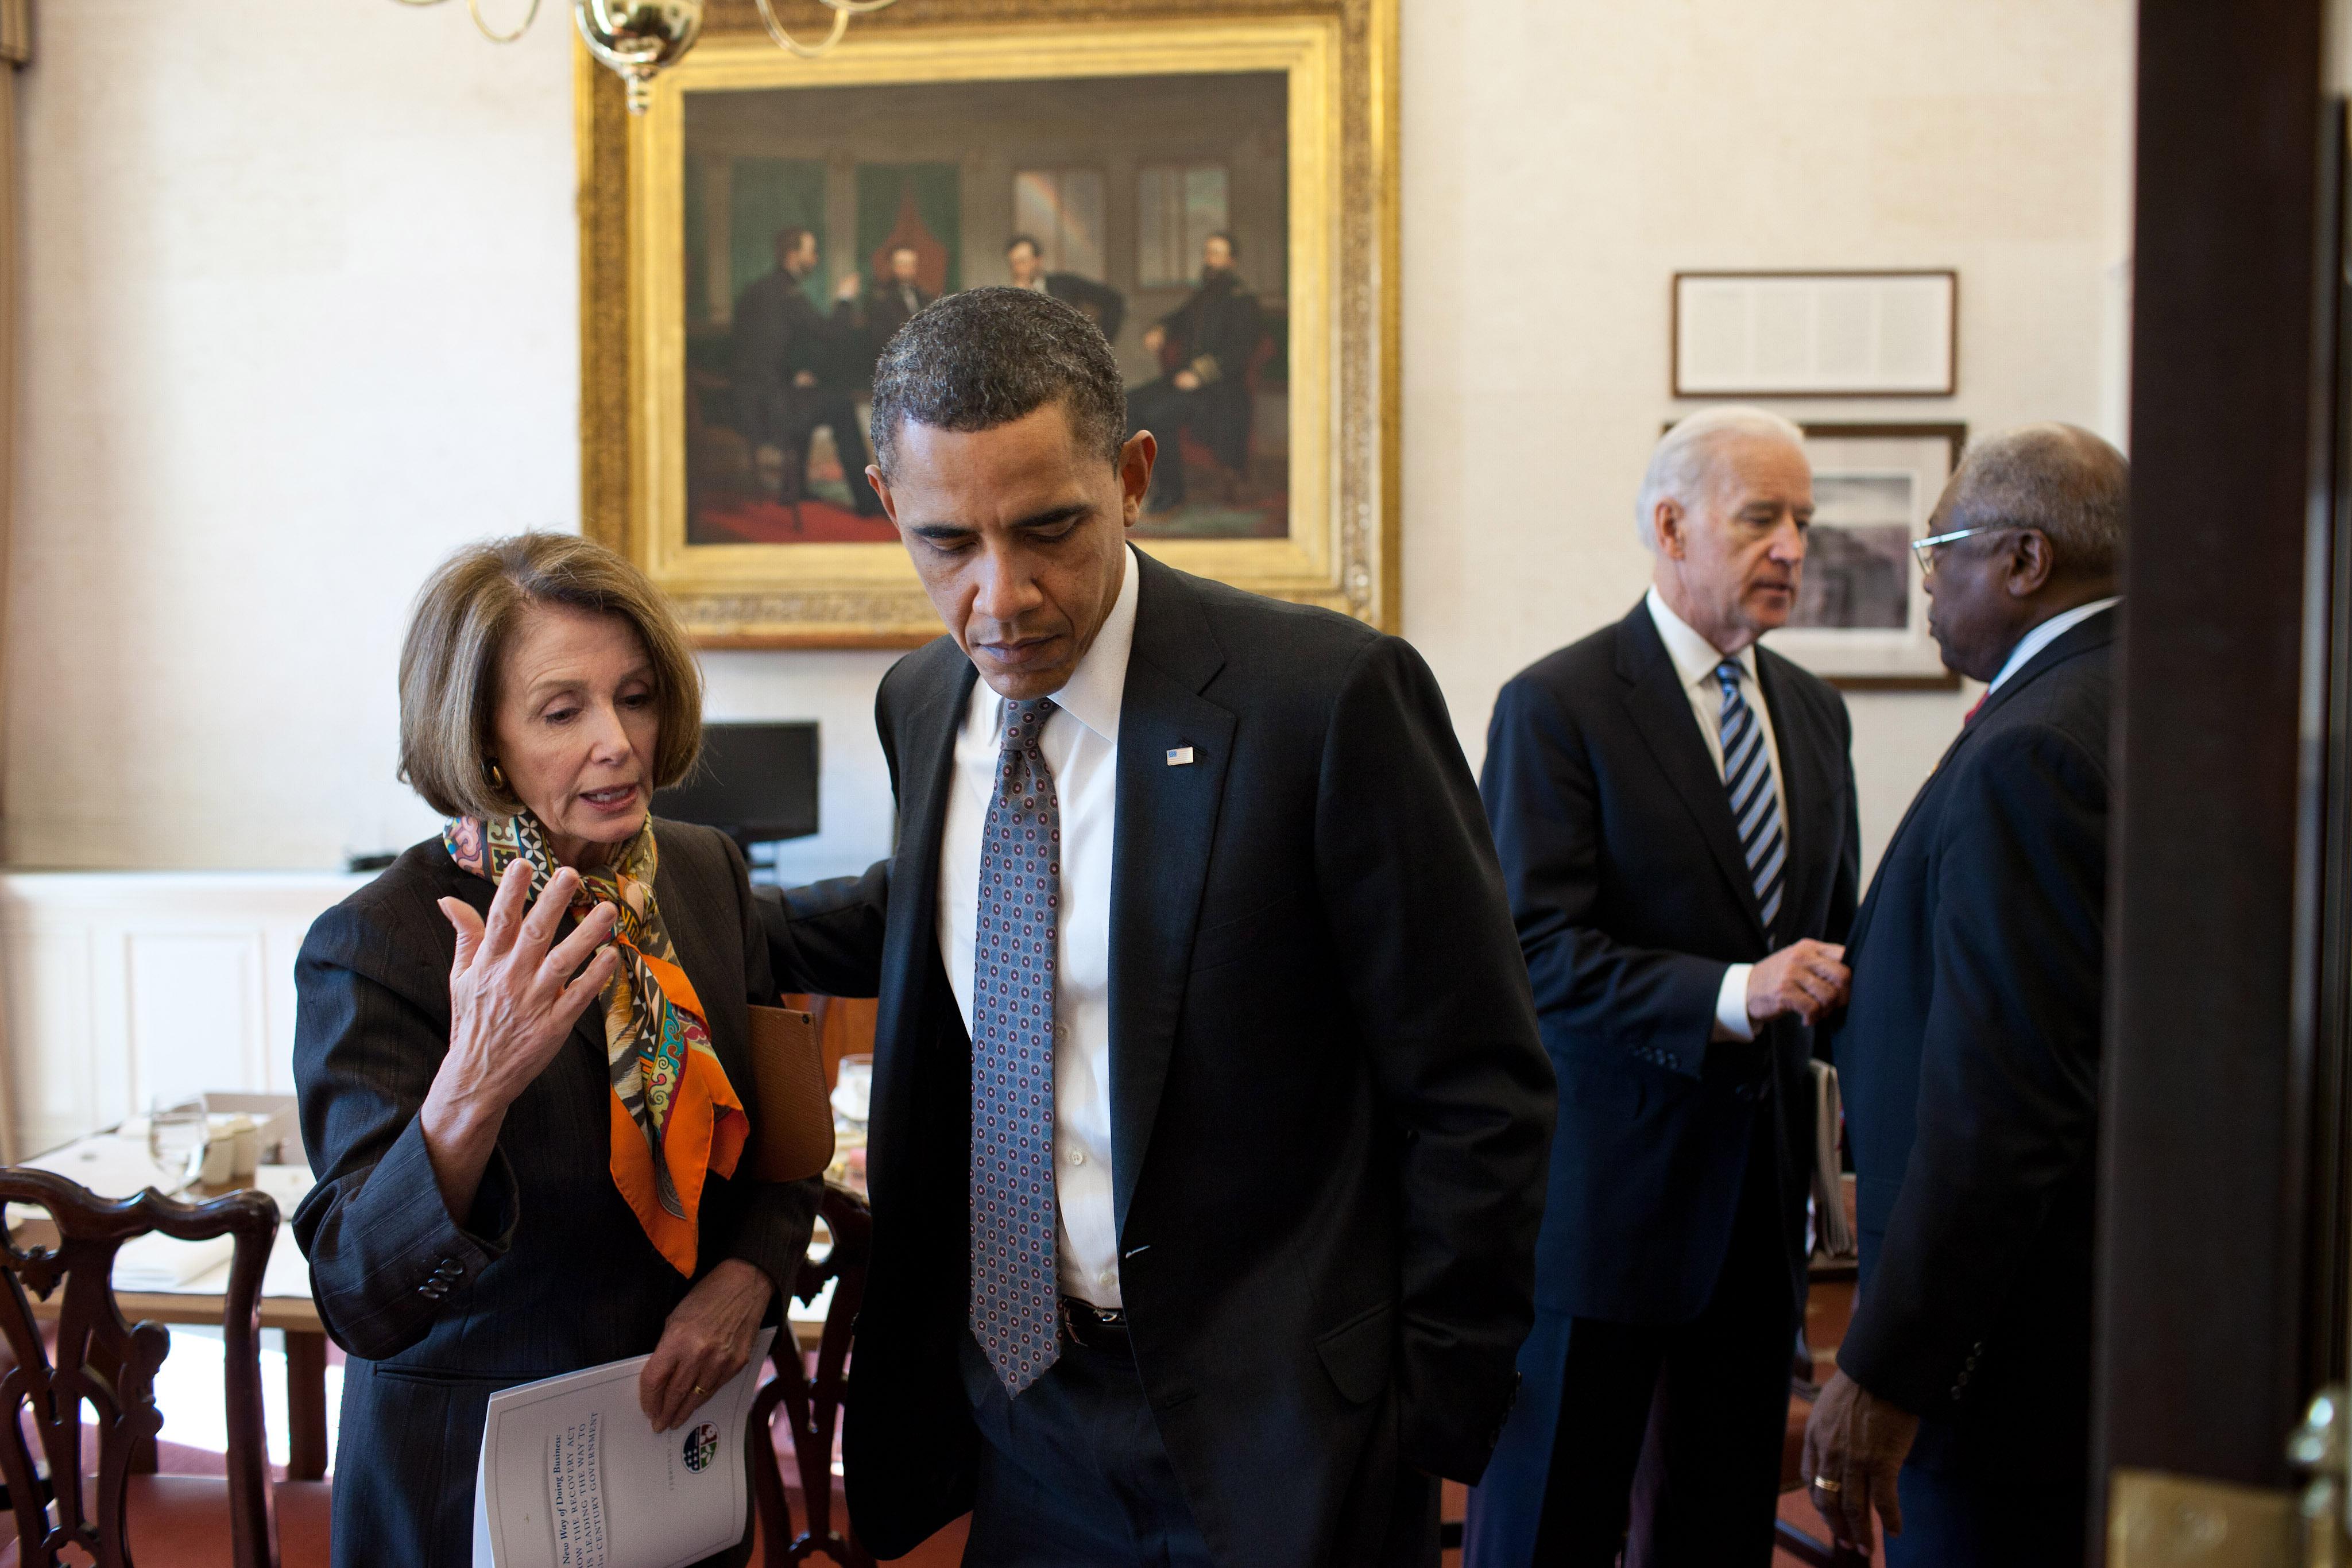 https://upload.wikimedia.org/wikipedia/commons/9/91/Barack_Obama_with_Nancy_Pelosi_in_the_White_House_-_2011_%285508408614%29.jpg